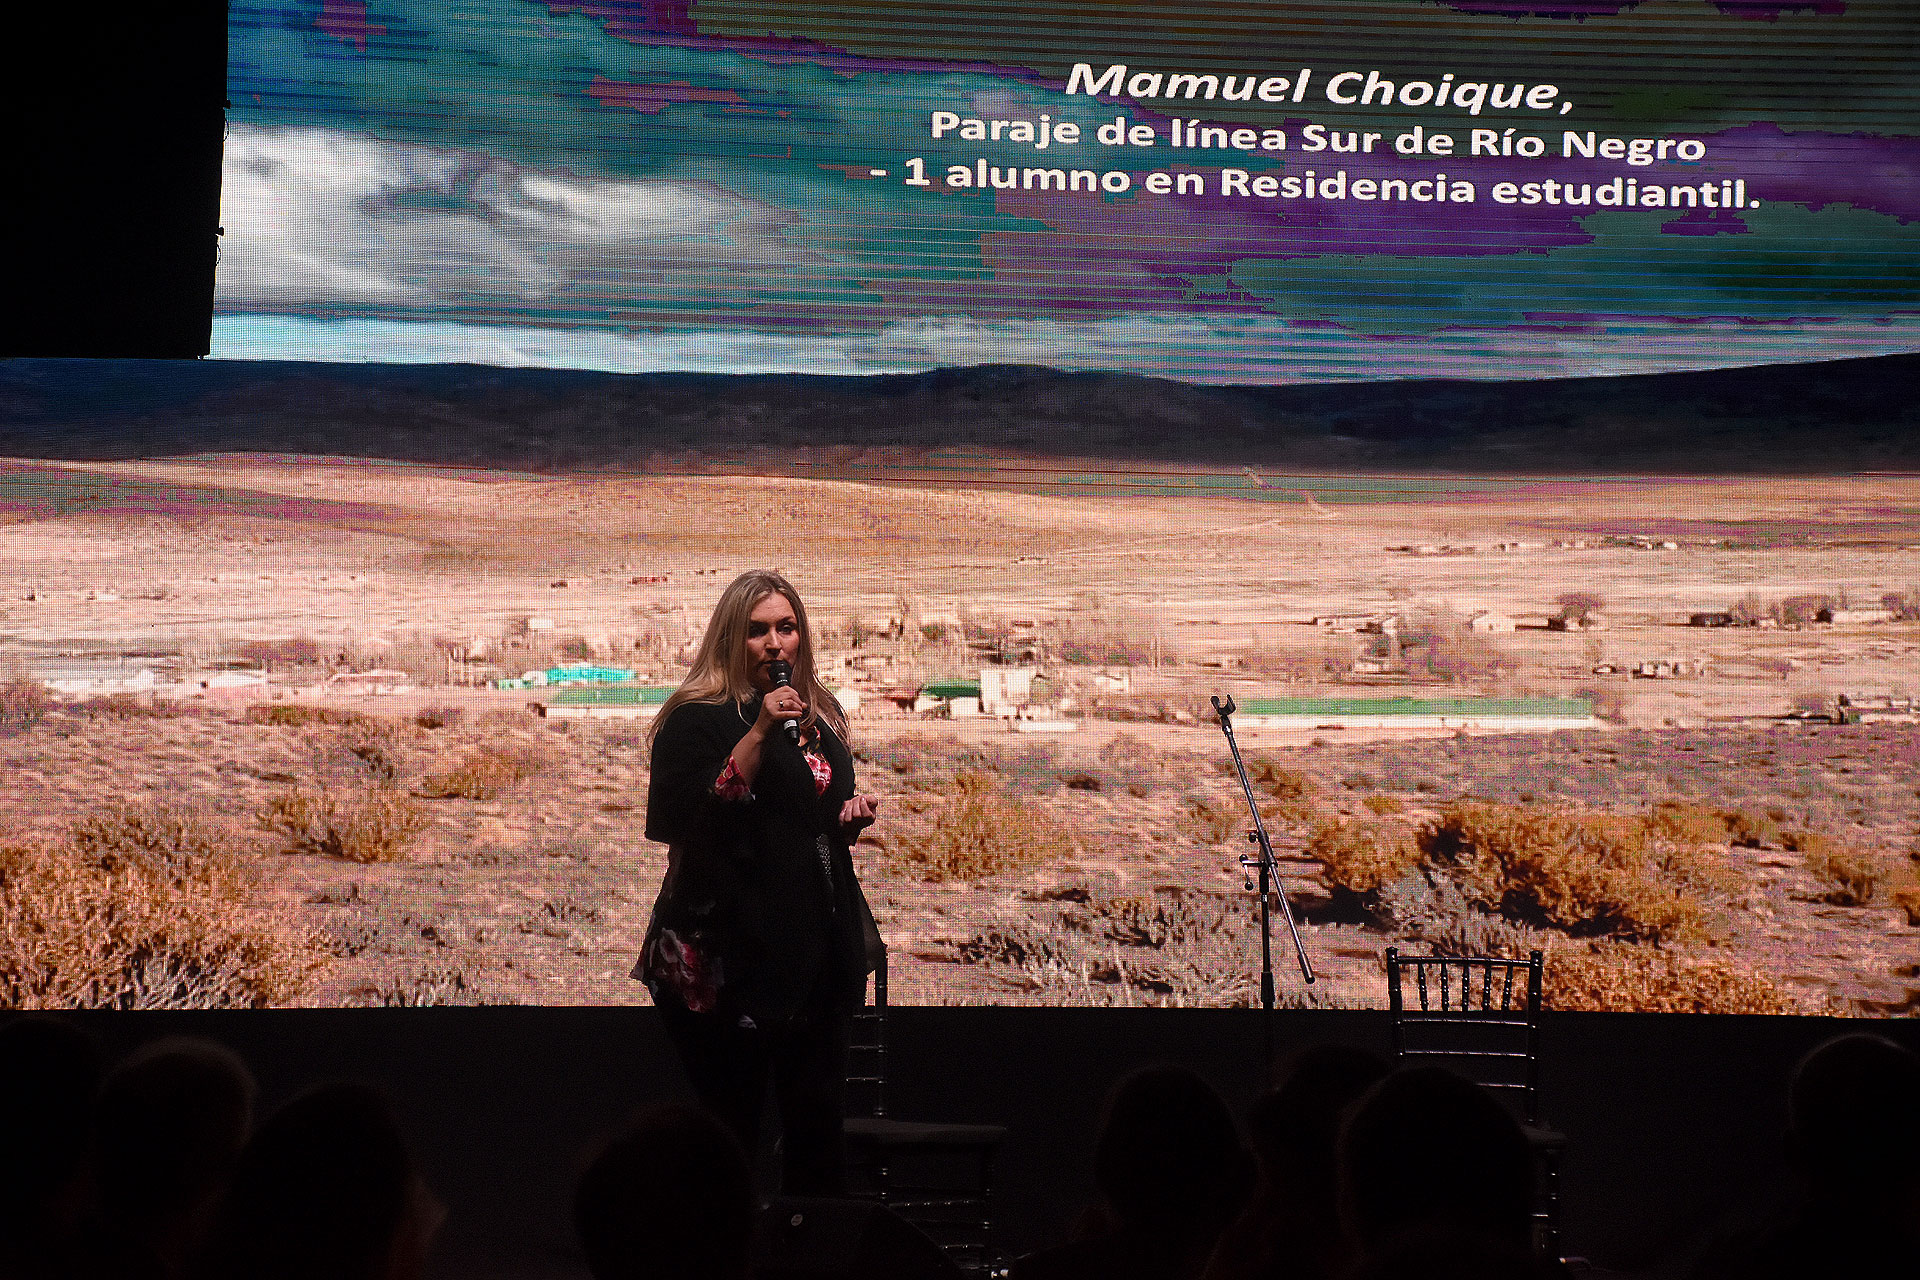 Mariana Battaglini, directora ejecutiva de Cruzada Patagónica, durante su discurso. Por medio de la celebración y, con la convicción de que acompañar a los jóvenes mediante una educación integral es el camino, La Noche de la Patagonia se convirtió en un clásico para seguir soñando mejores oportunidades para la población rural